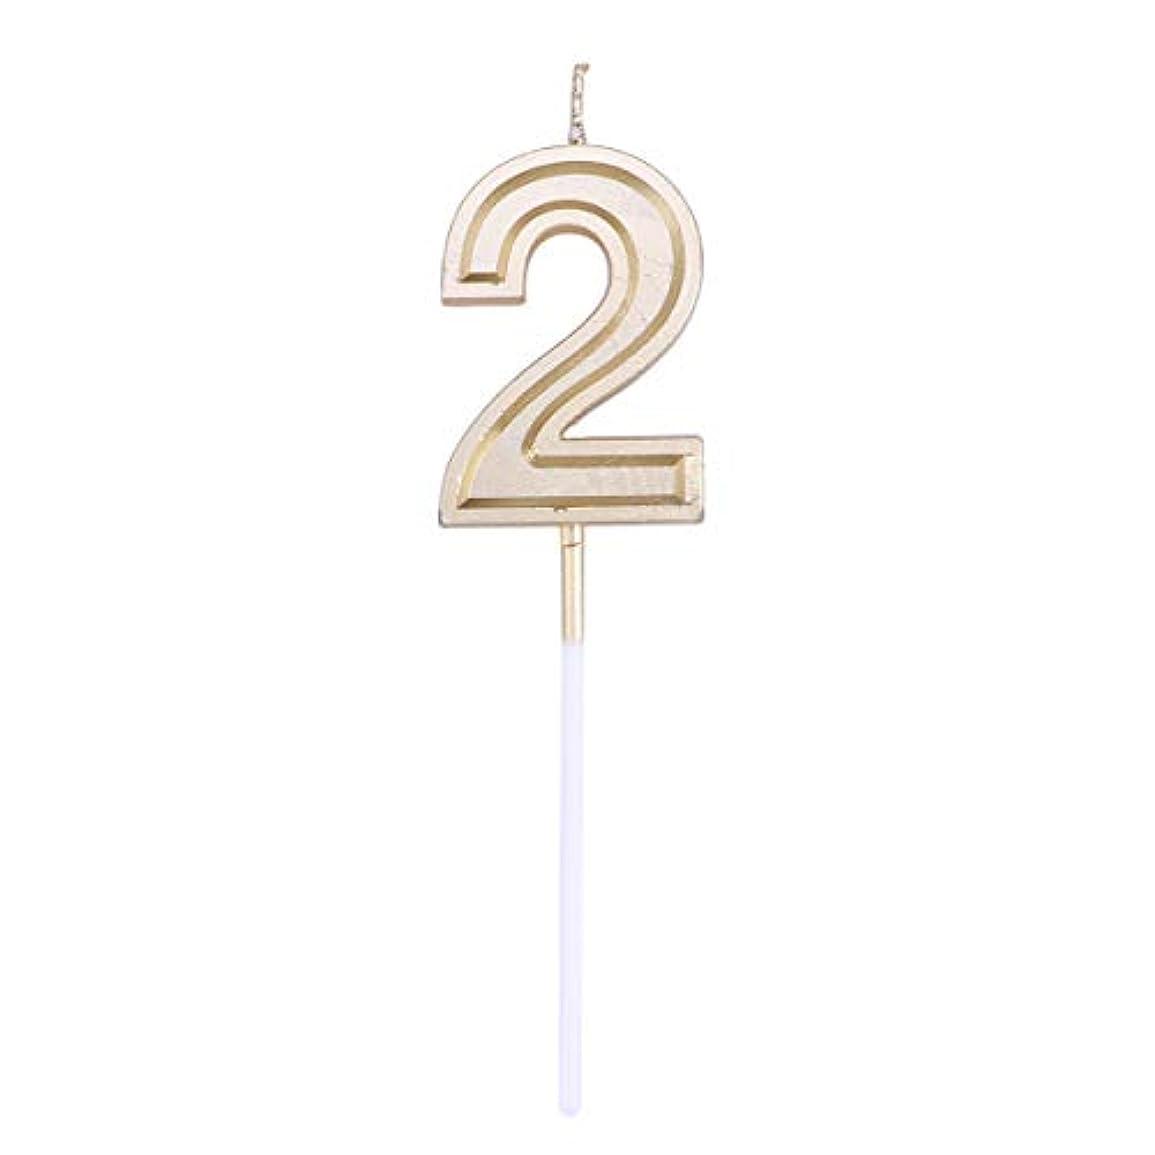 軍隊アドバンテージサーバToyvian ゴールドラメ誕生日おめでとう数字キャンドル番号キャンドルケーキトッパー装飾用大人キッズパーティー(ナンバー2)